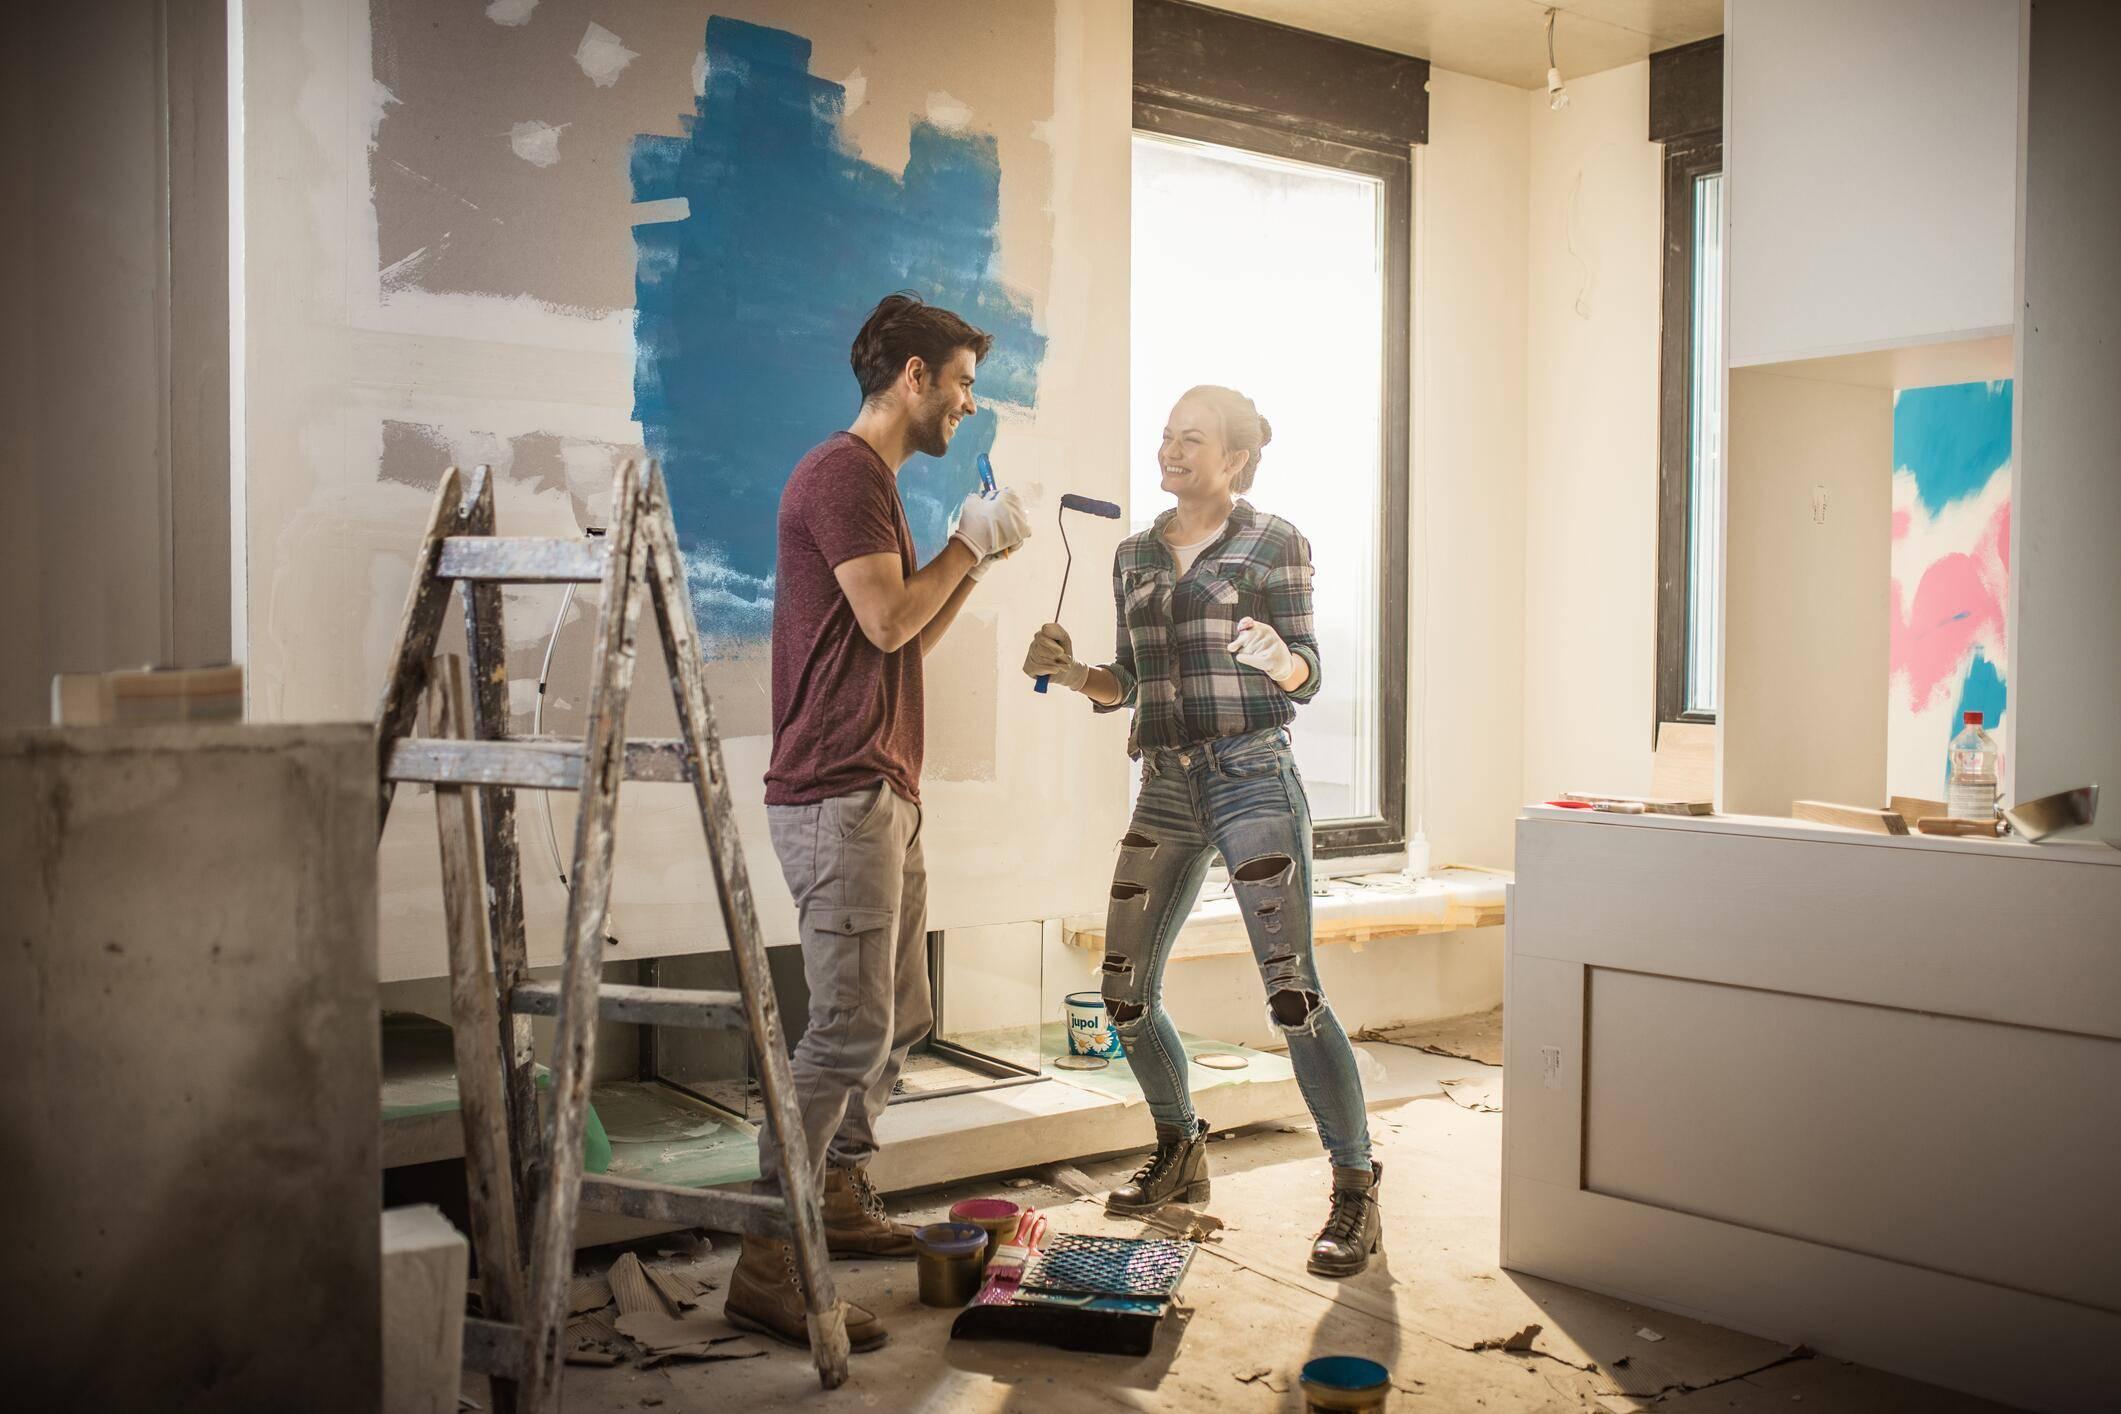 Wnde streichen Tipps und Techniken fr die Wohnung